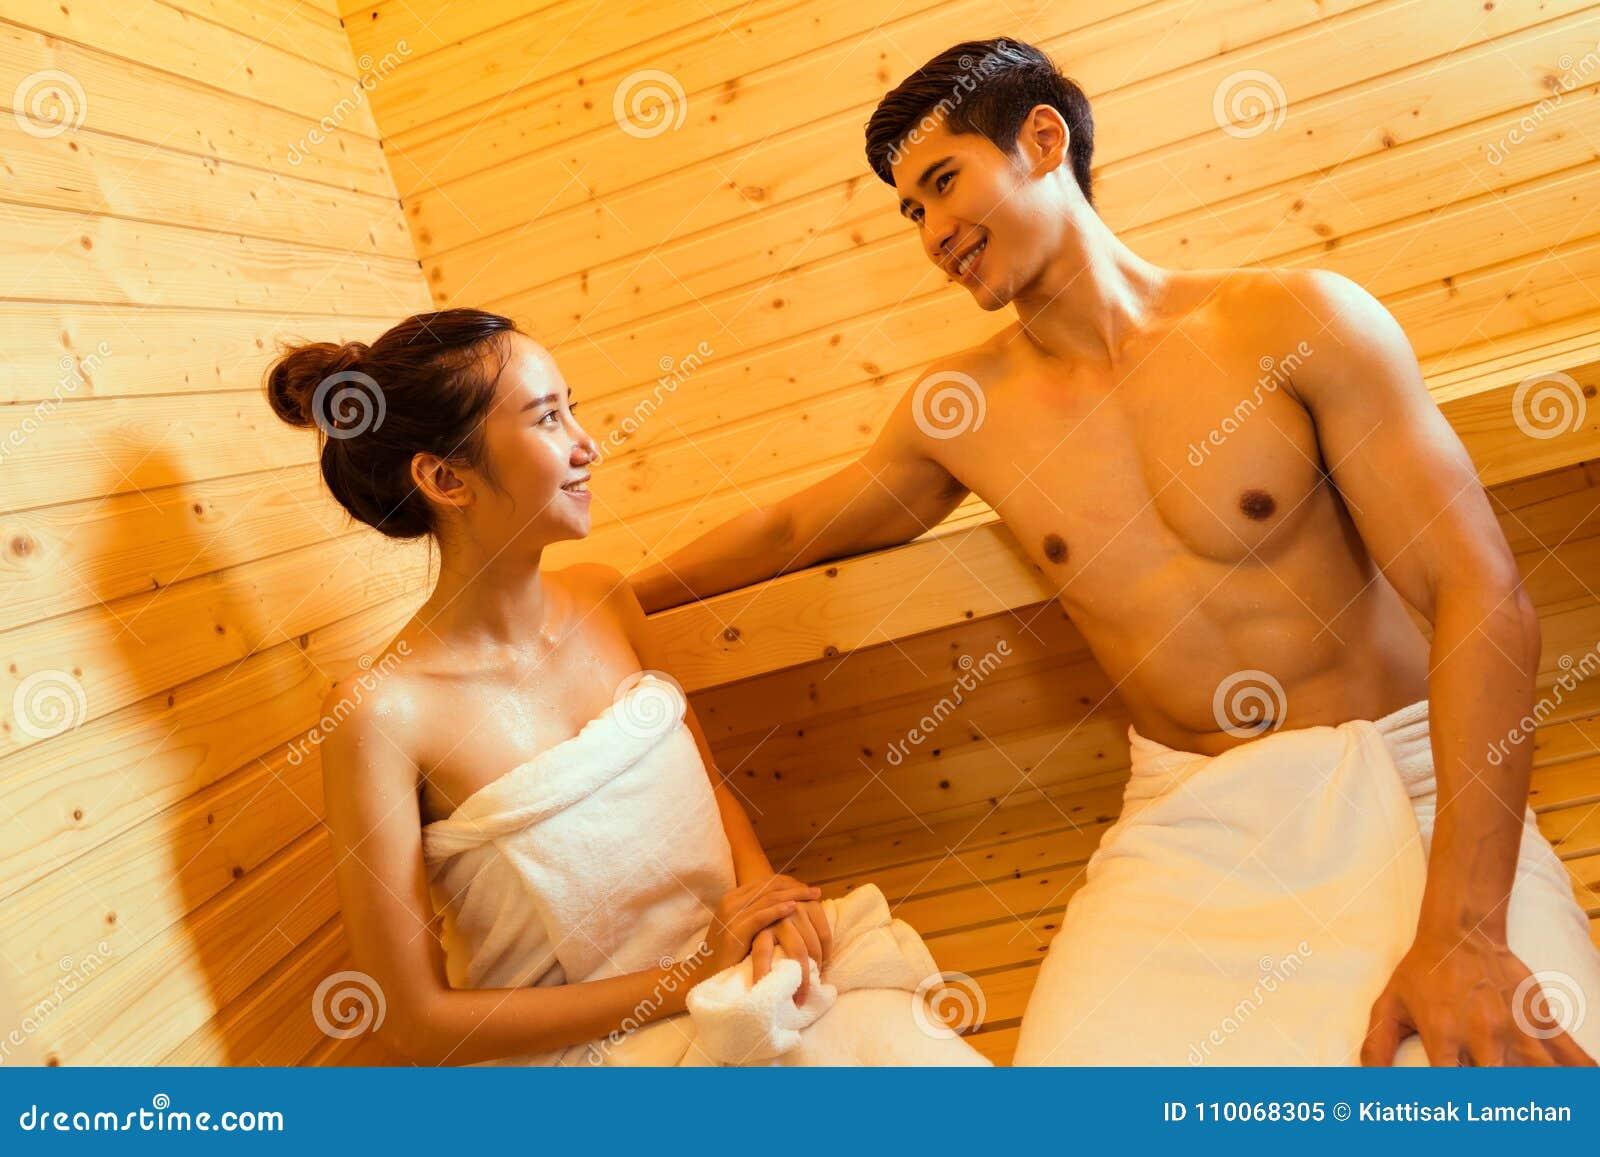 наверное решат, красивый секс молодой пары на даче поласкать